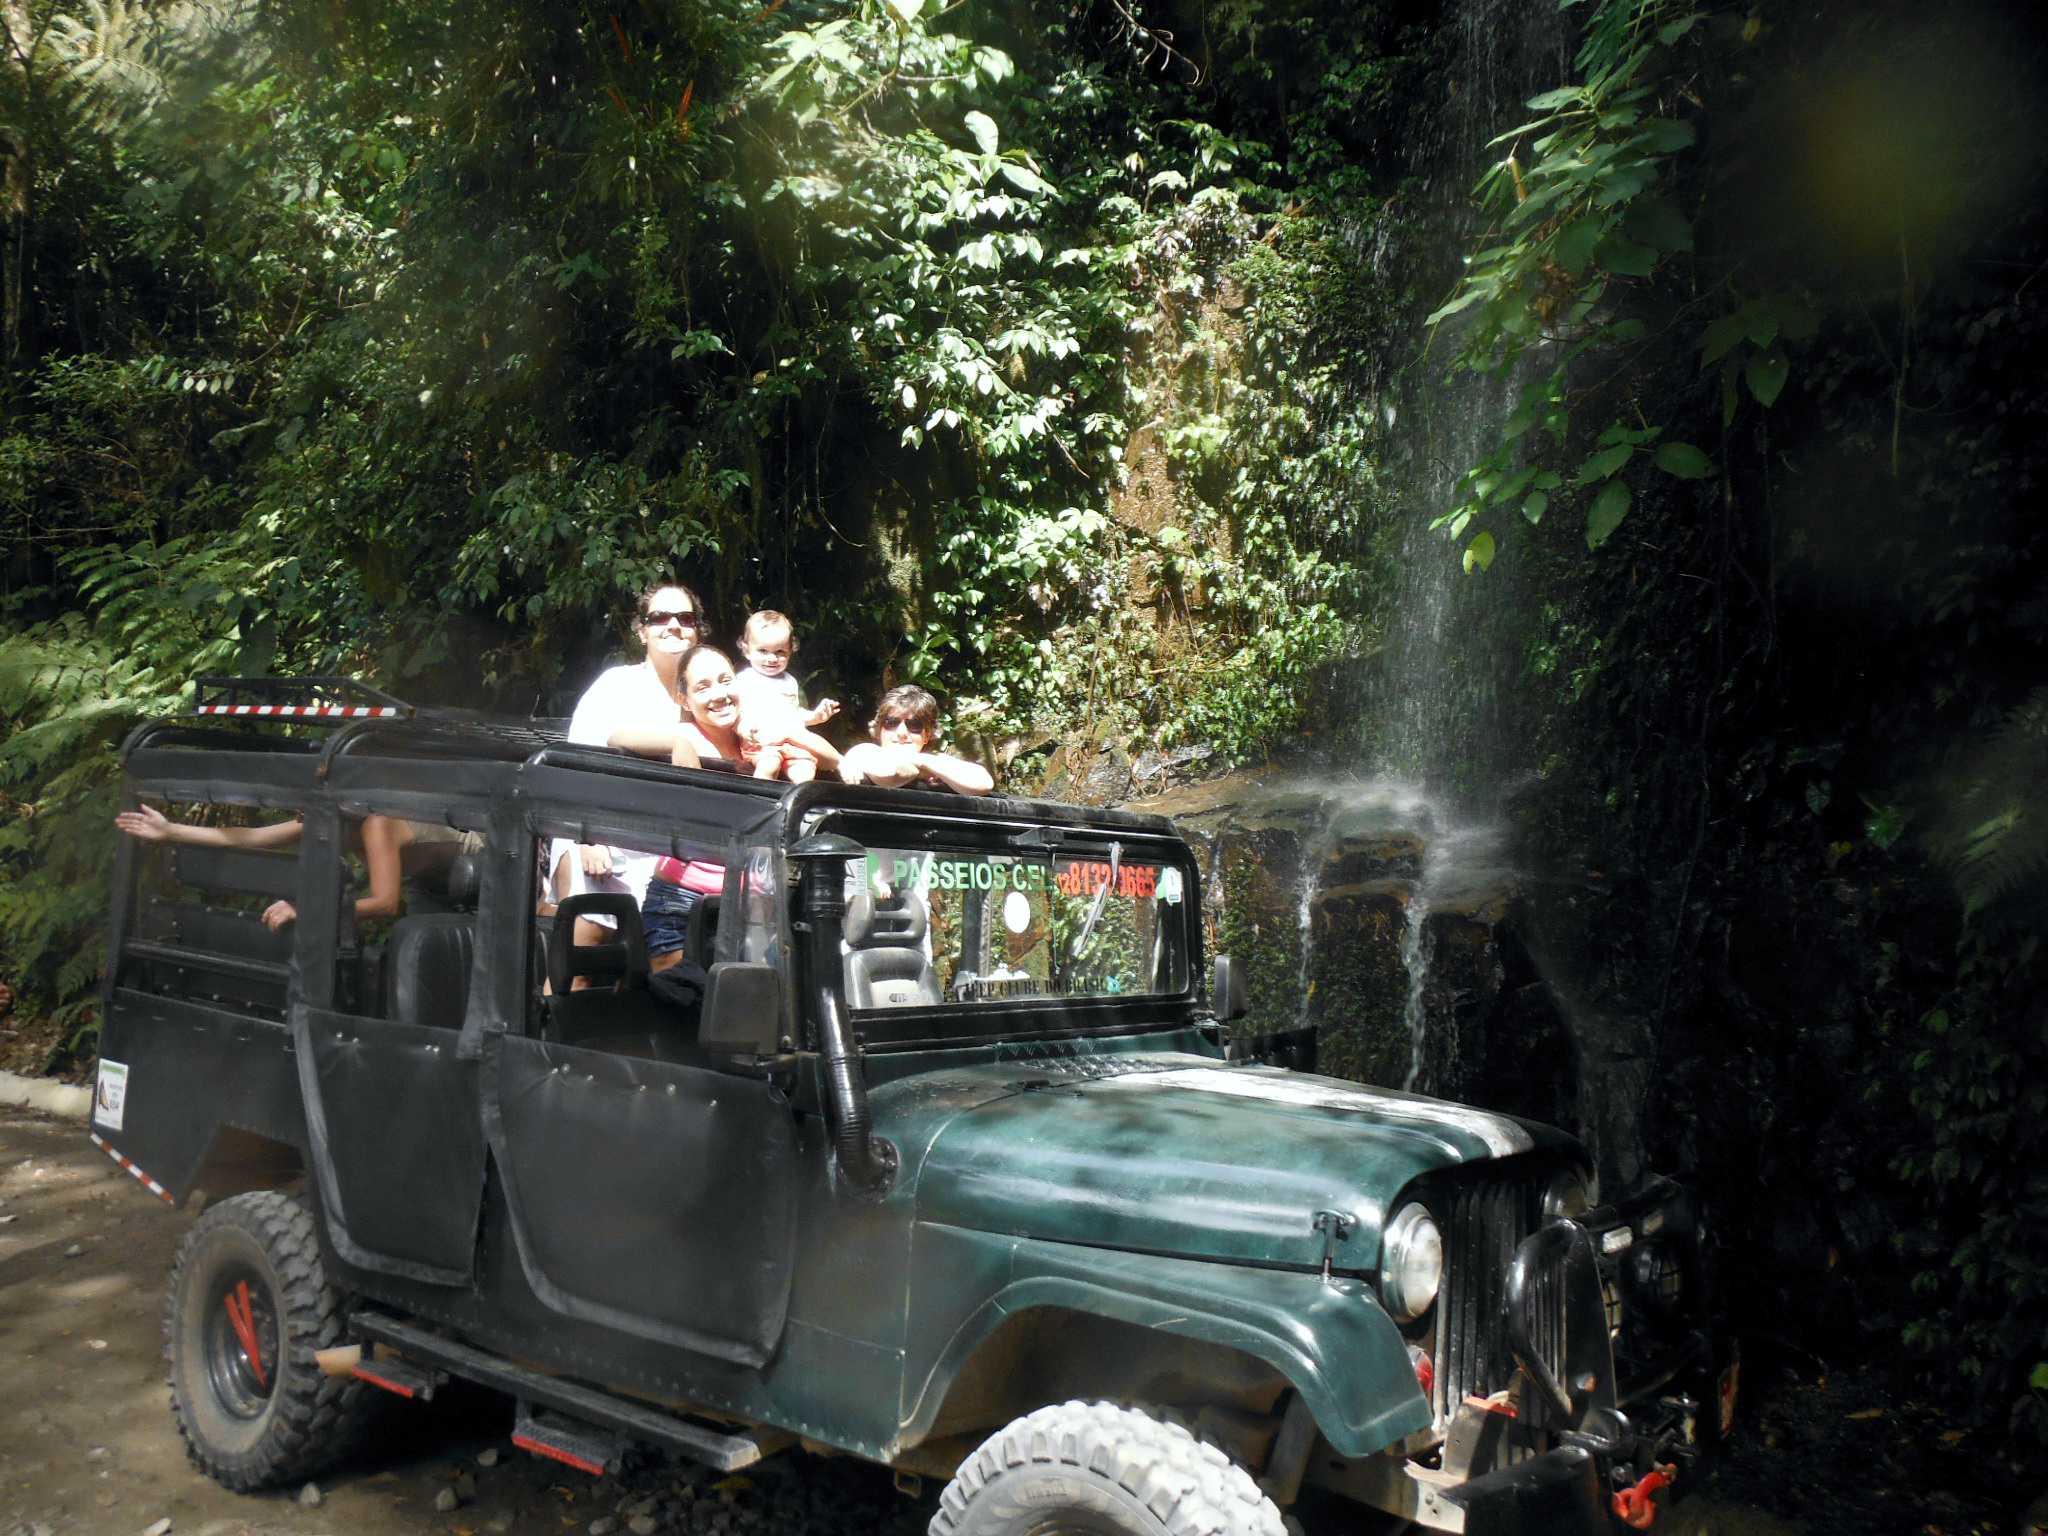 Passeio em Ilhabela chuveirinho.jpg